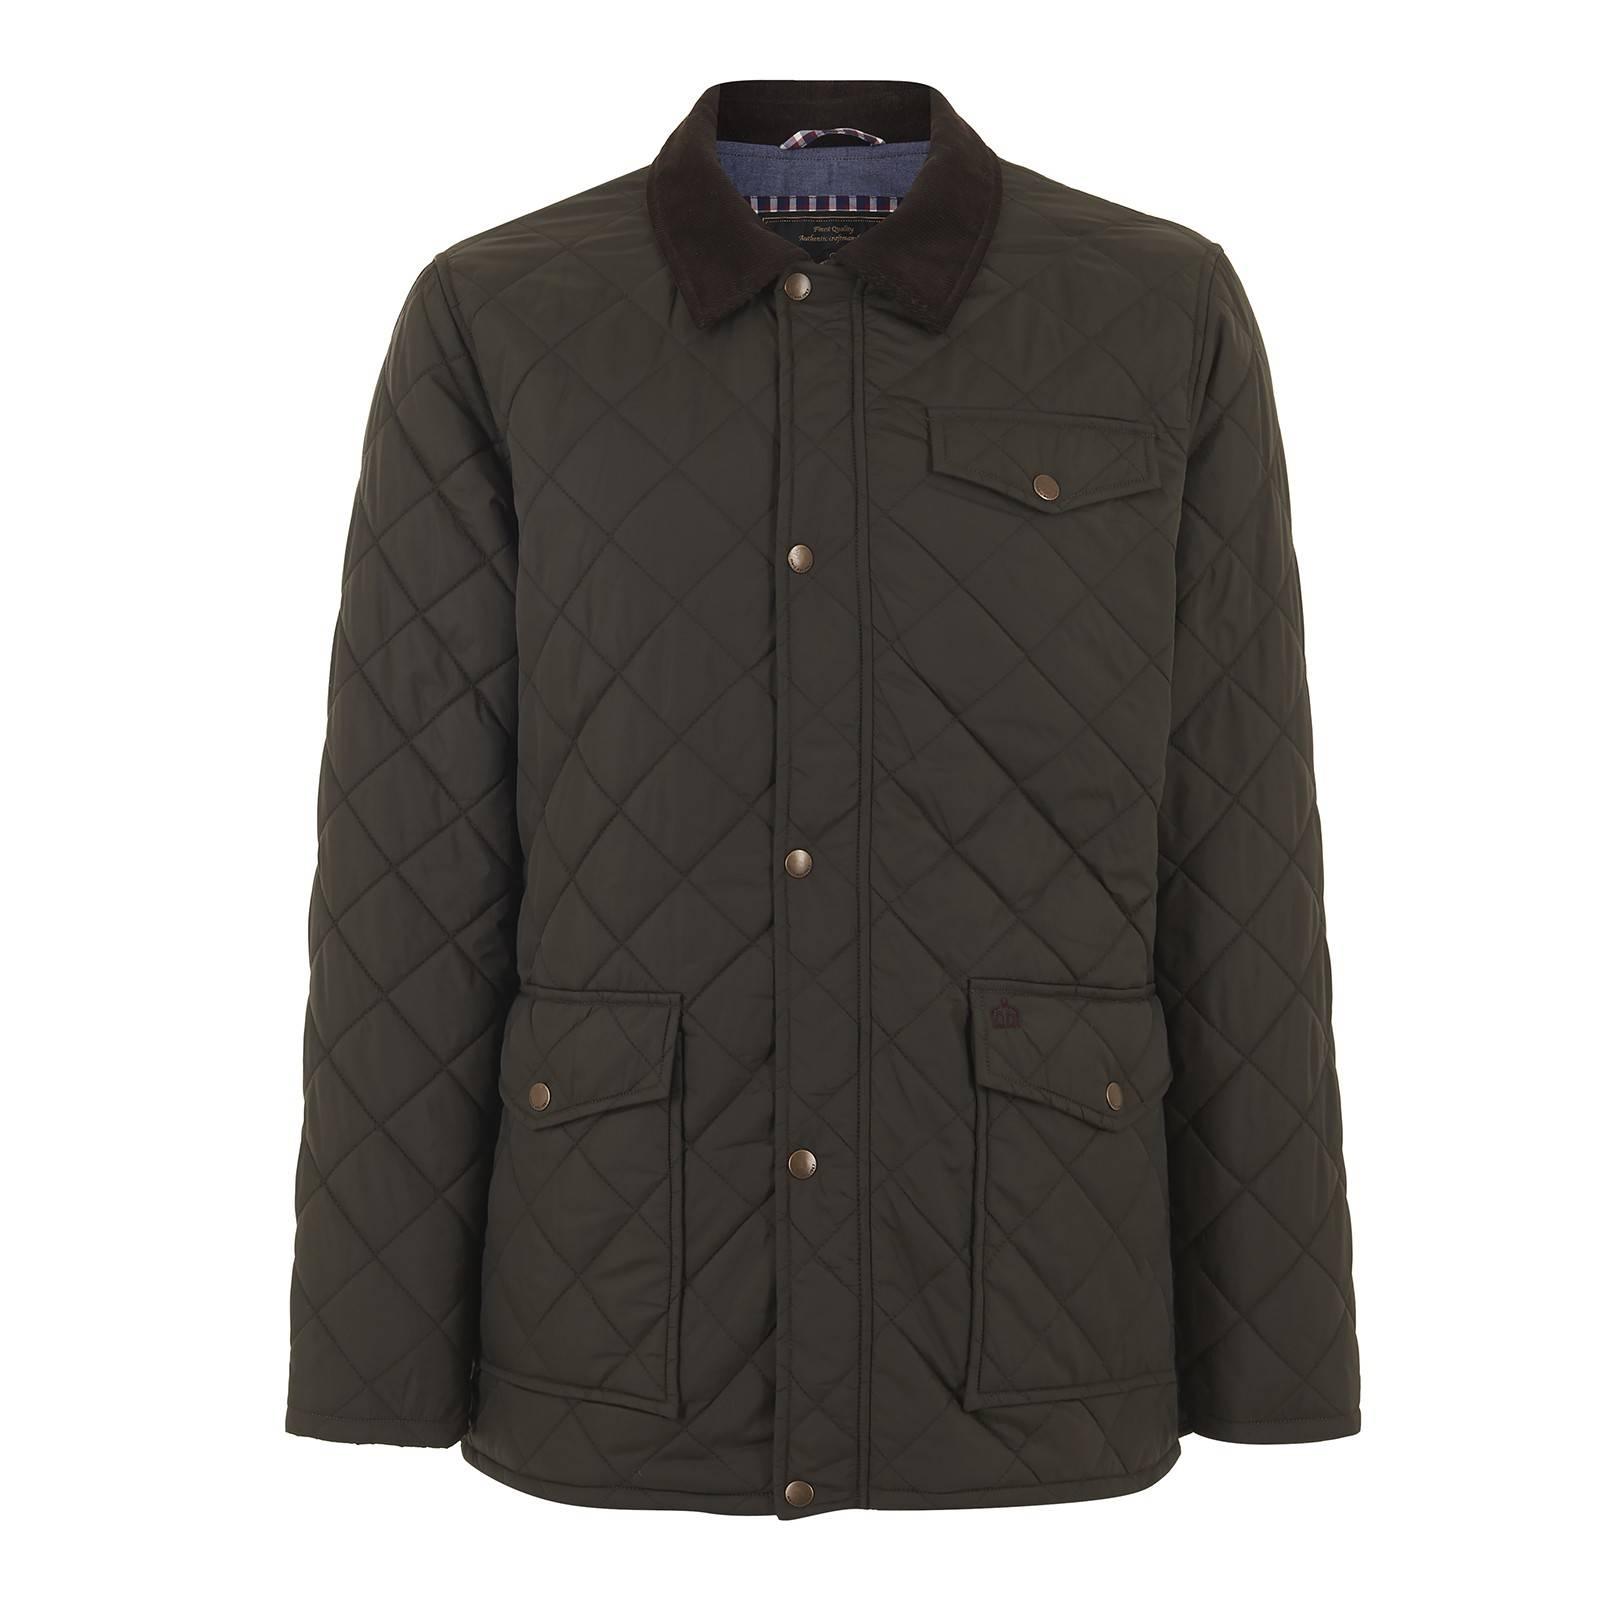 Куртка AlcesterВерхняя одежда<br>Классическая мужская стеганная куртка прямого фасона с вельветовым воротником и накладными карманами - истинно британский must-have городского casual гардероба на осенний сезон и раннюю весну. Идеально сочетается с button-down рубашками в классическую английскую клетку гинем или орнаментом пейсли, замшевыми дезертами и крупными наручными часами с кожаным ремешком. Воротник следует носить поднятым, а молнию не застегивать до конца таким образом, чтобы через куртку отчетливо просматривался крупный или среднего размера клетчатый или огуречный узор. Имеет внутренний карман, утеплена тонким синтепоновым слоем, рассчитанным на безветренную погоду до минус 2-5 градусов.<br><br>Артикул: 1114205<br>Материал: 100% полиэстер / Подкладка - 100% хлопок<br>Цвет: темный хаки<br>Пол: Мужской